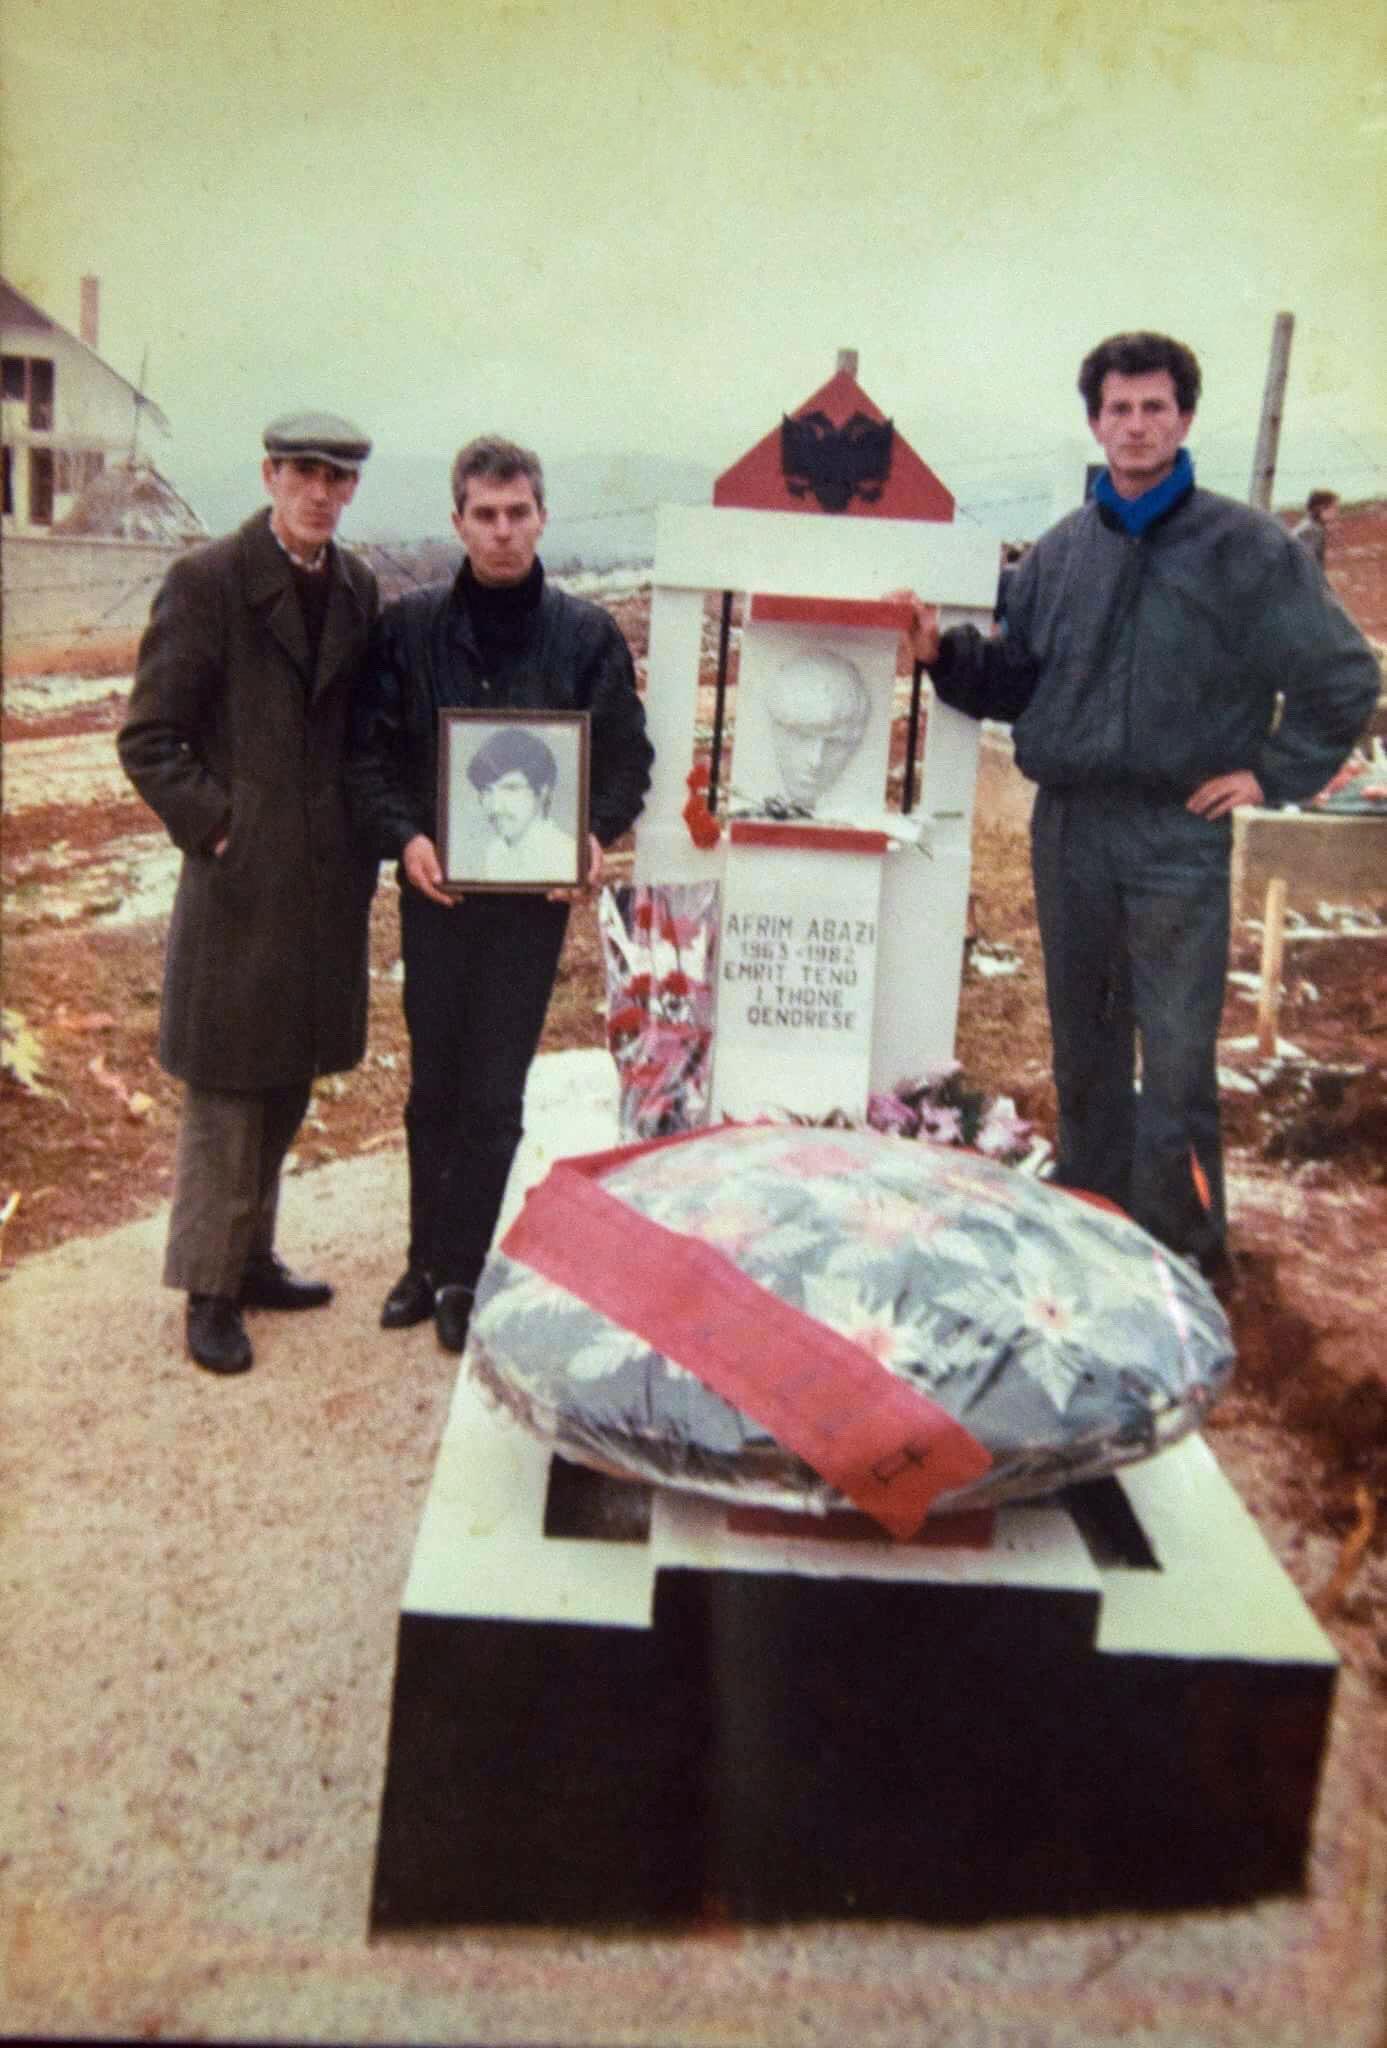 Pranë varrit të bashkëveprimtarit Afrim Abazit (anëtar i ish-PKMLSHJ-së, i mbytur nga UDB-ja në stacionin policor të Ferizajt në vitin 1982): nga e majta Fehmi Hajrullahu, Imri Ilazi (shoku më i ngushtë i Afrim Abazit) dhe në të djathtë tanimë dëshmori Sejdi Sejdiu